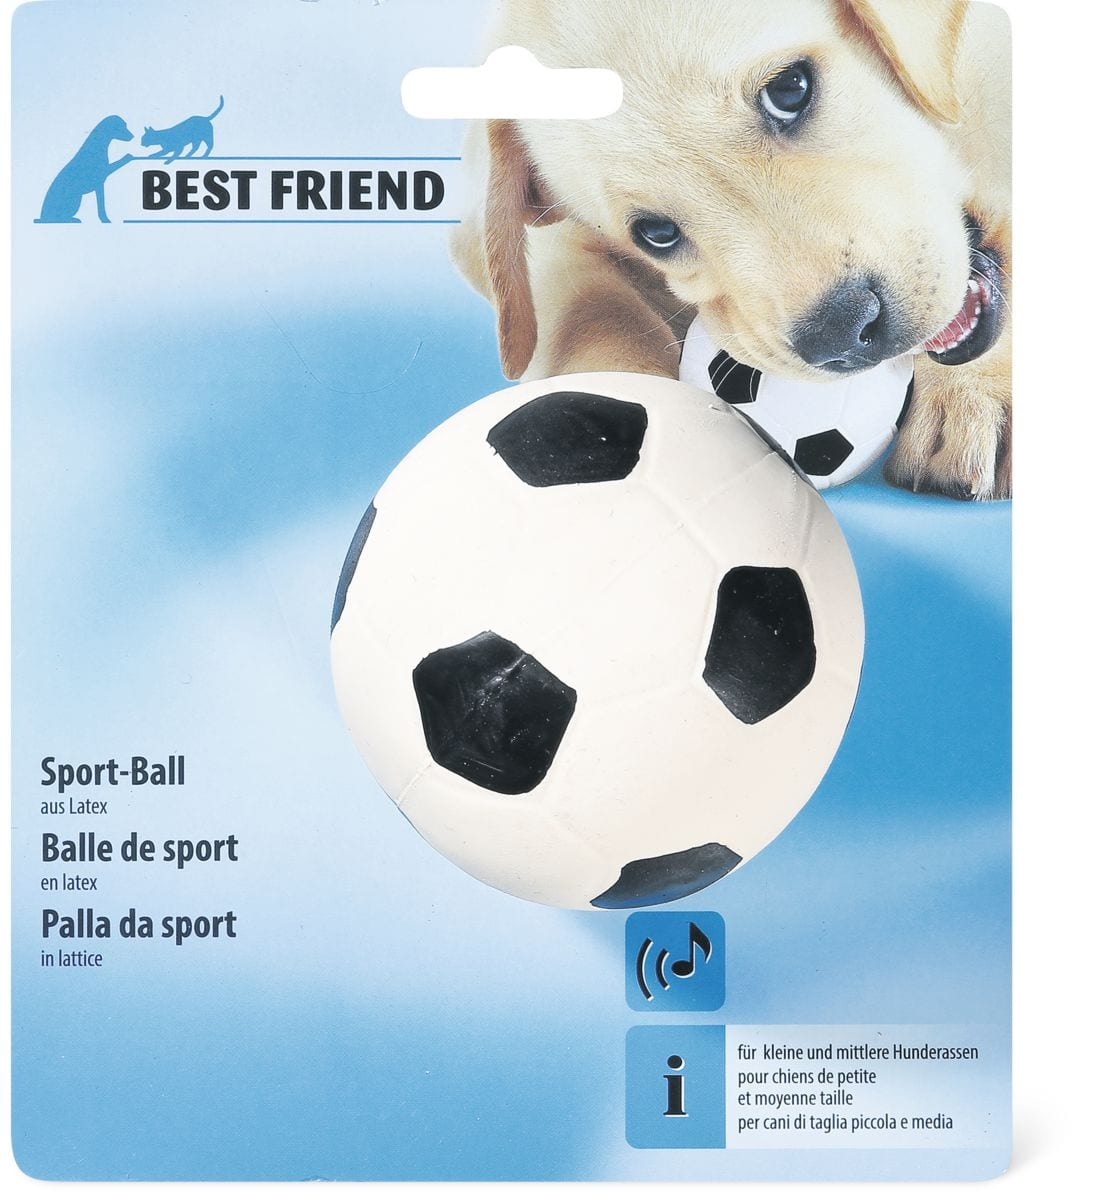 Balle de sport pour chiens